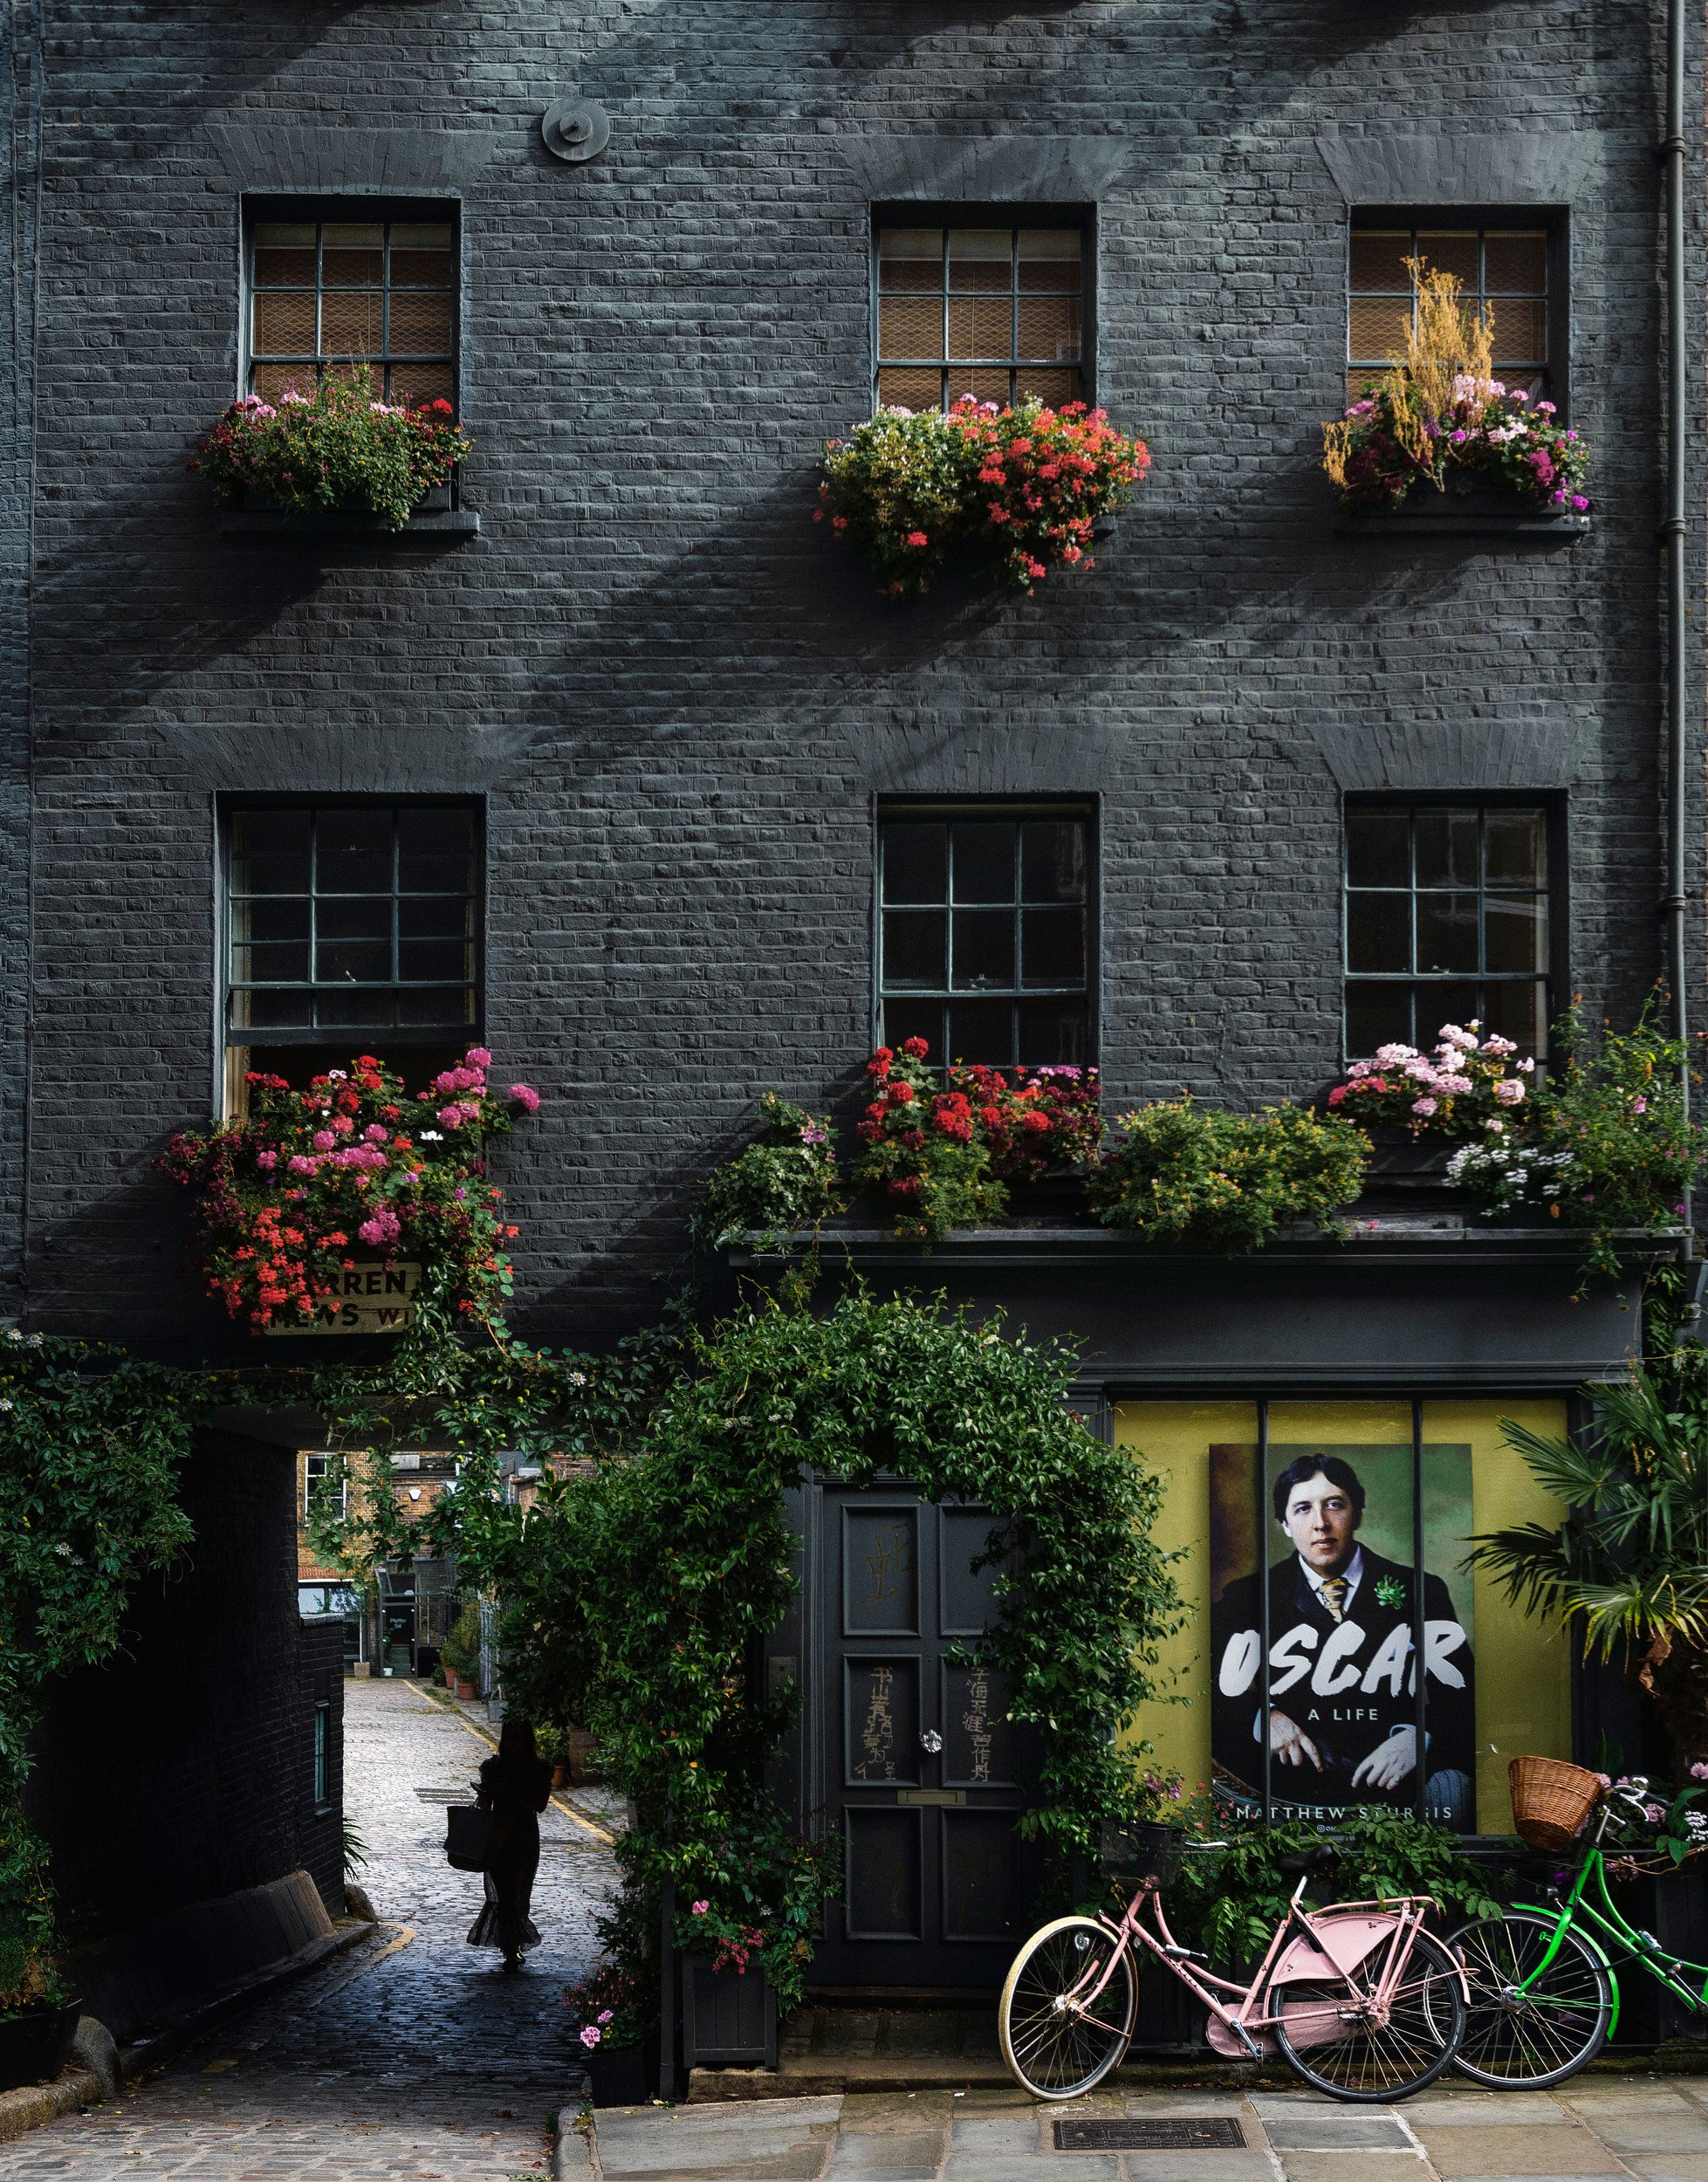 город, архитектура, путешествия, стрит, великобритания, лондон, Алексей Ермаков